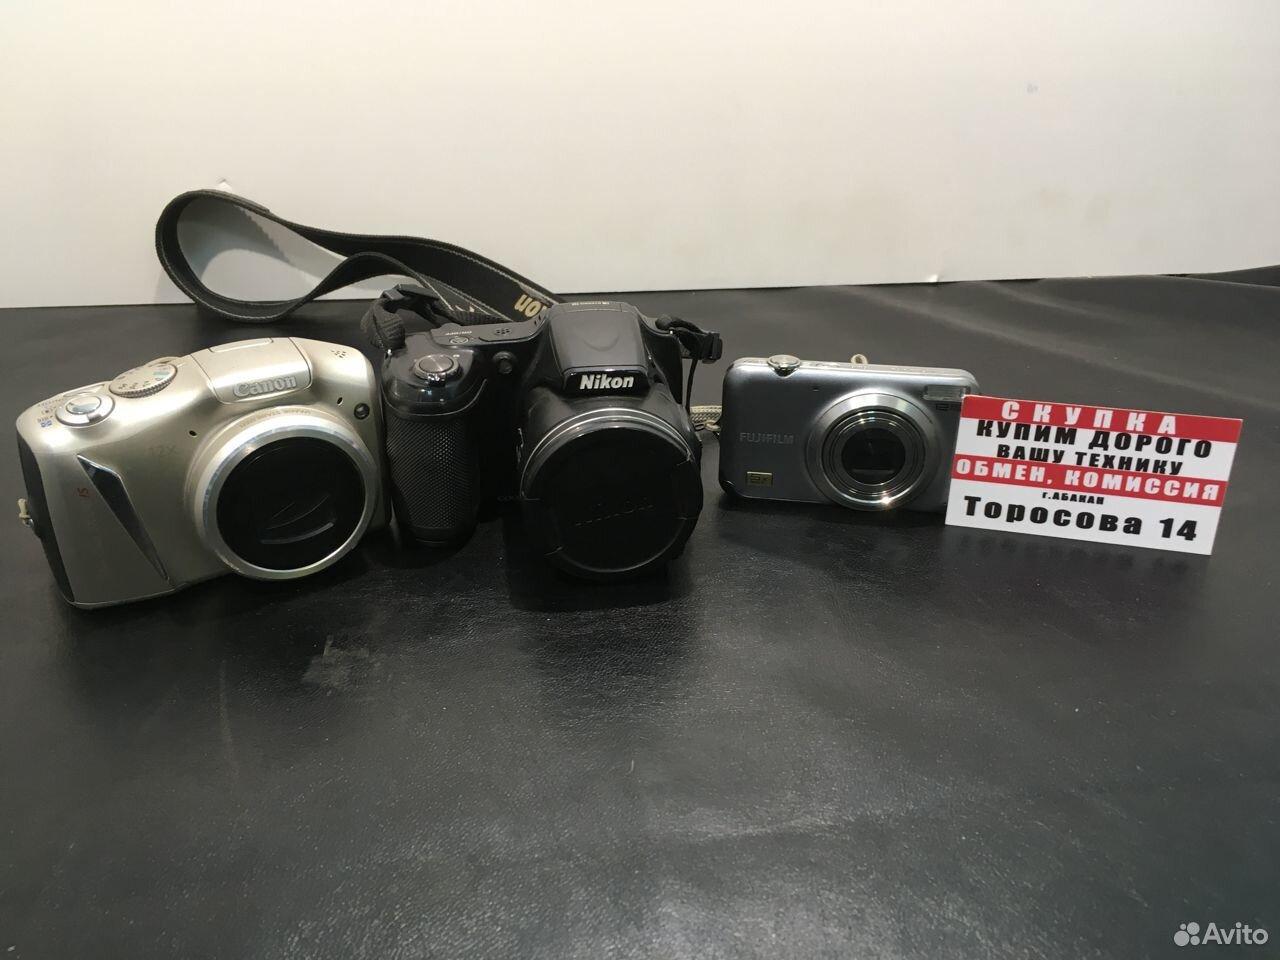 Фотоаппараты различные модели (т14)